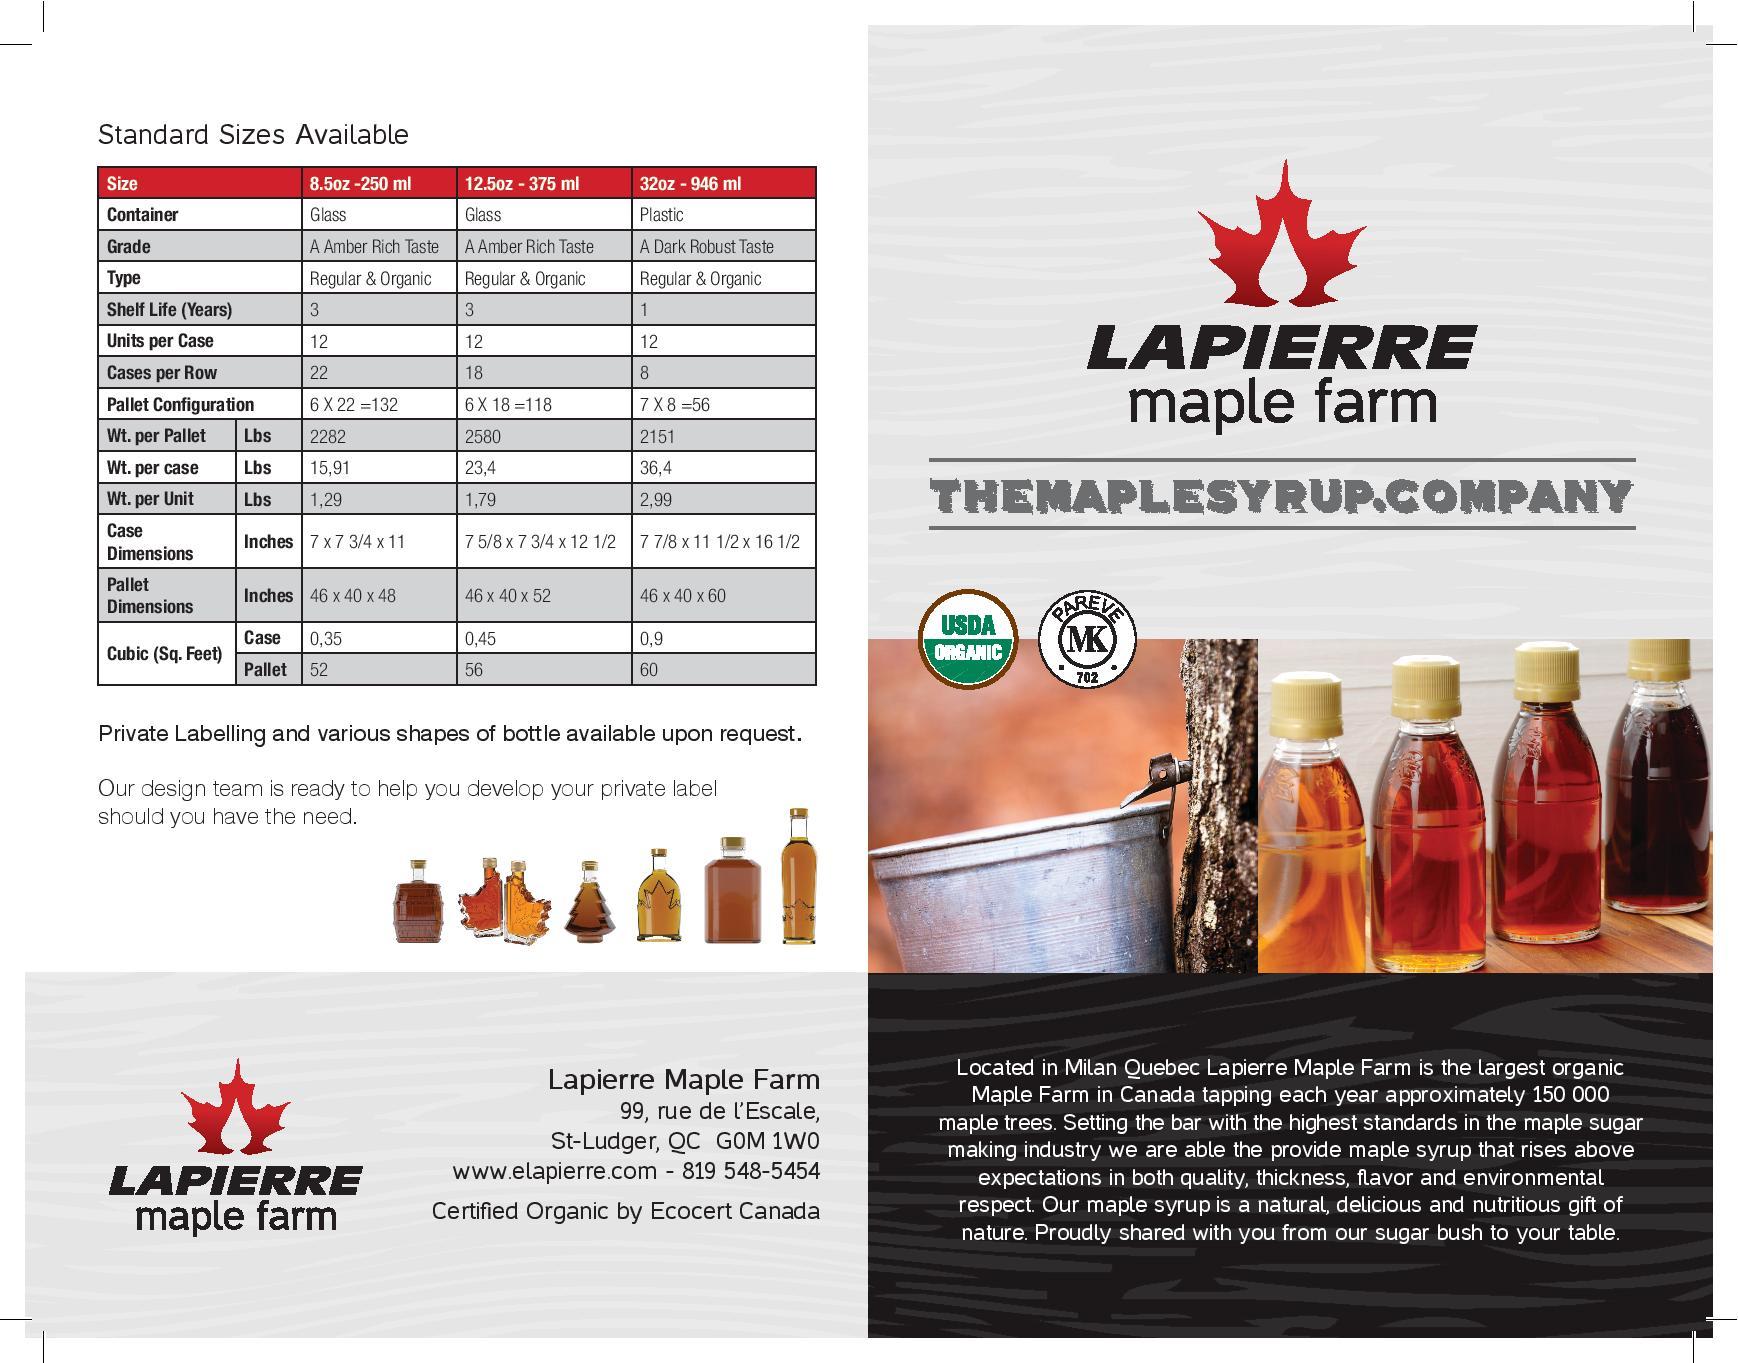 LapierreMapleFarm_products_Flyer-page-001